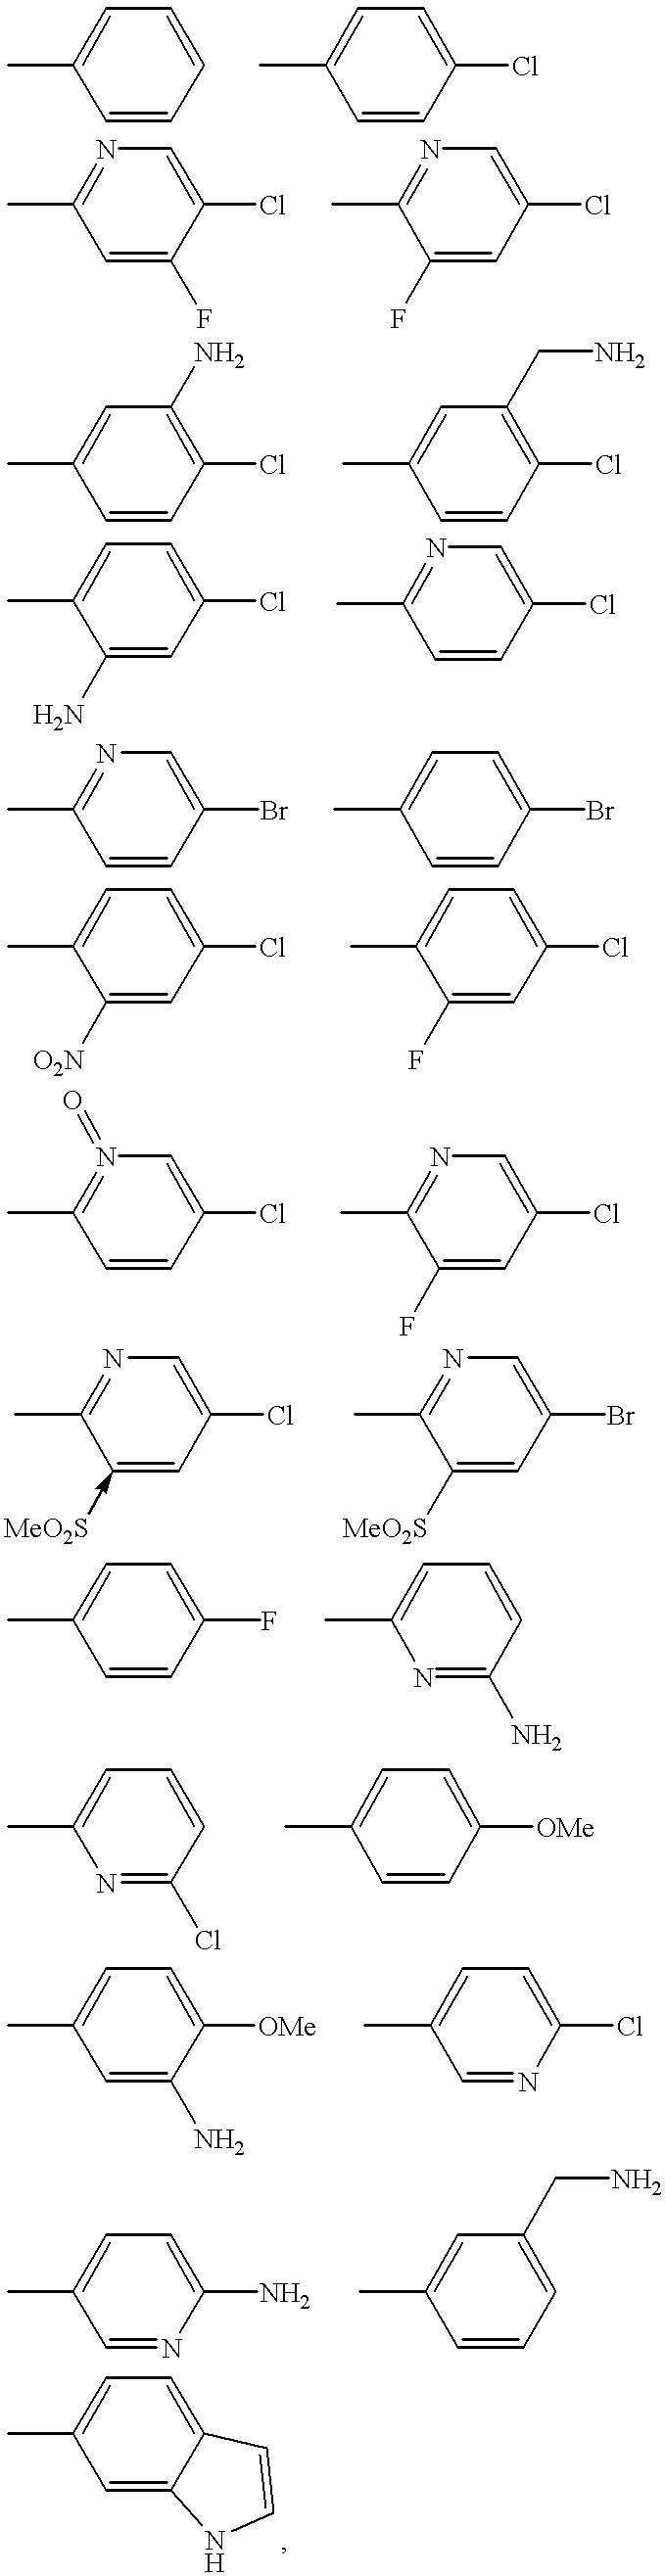 Figure US06376515-20020423-C00134